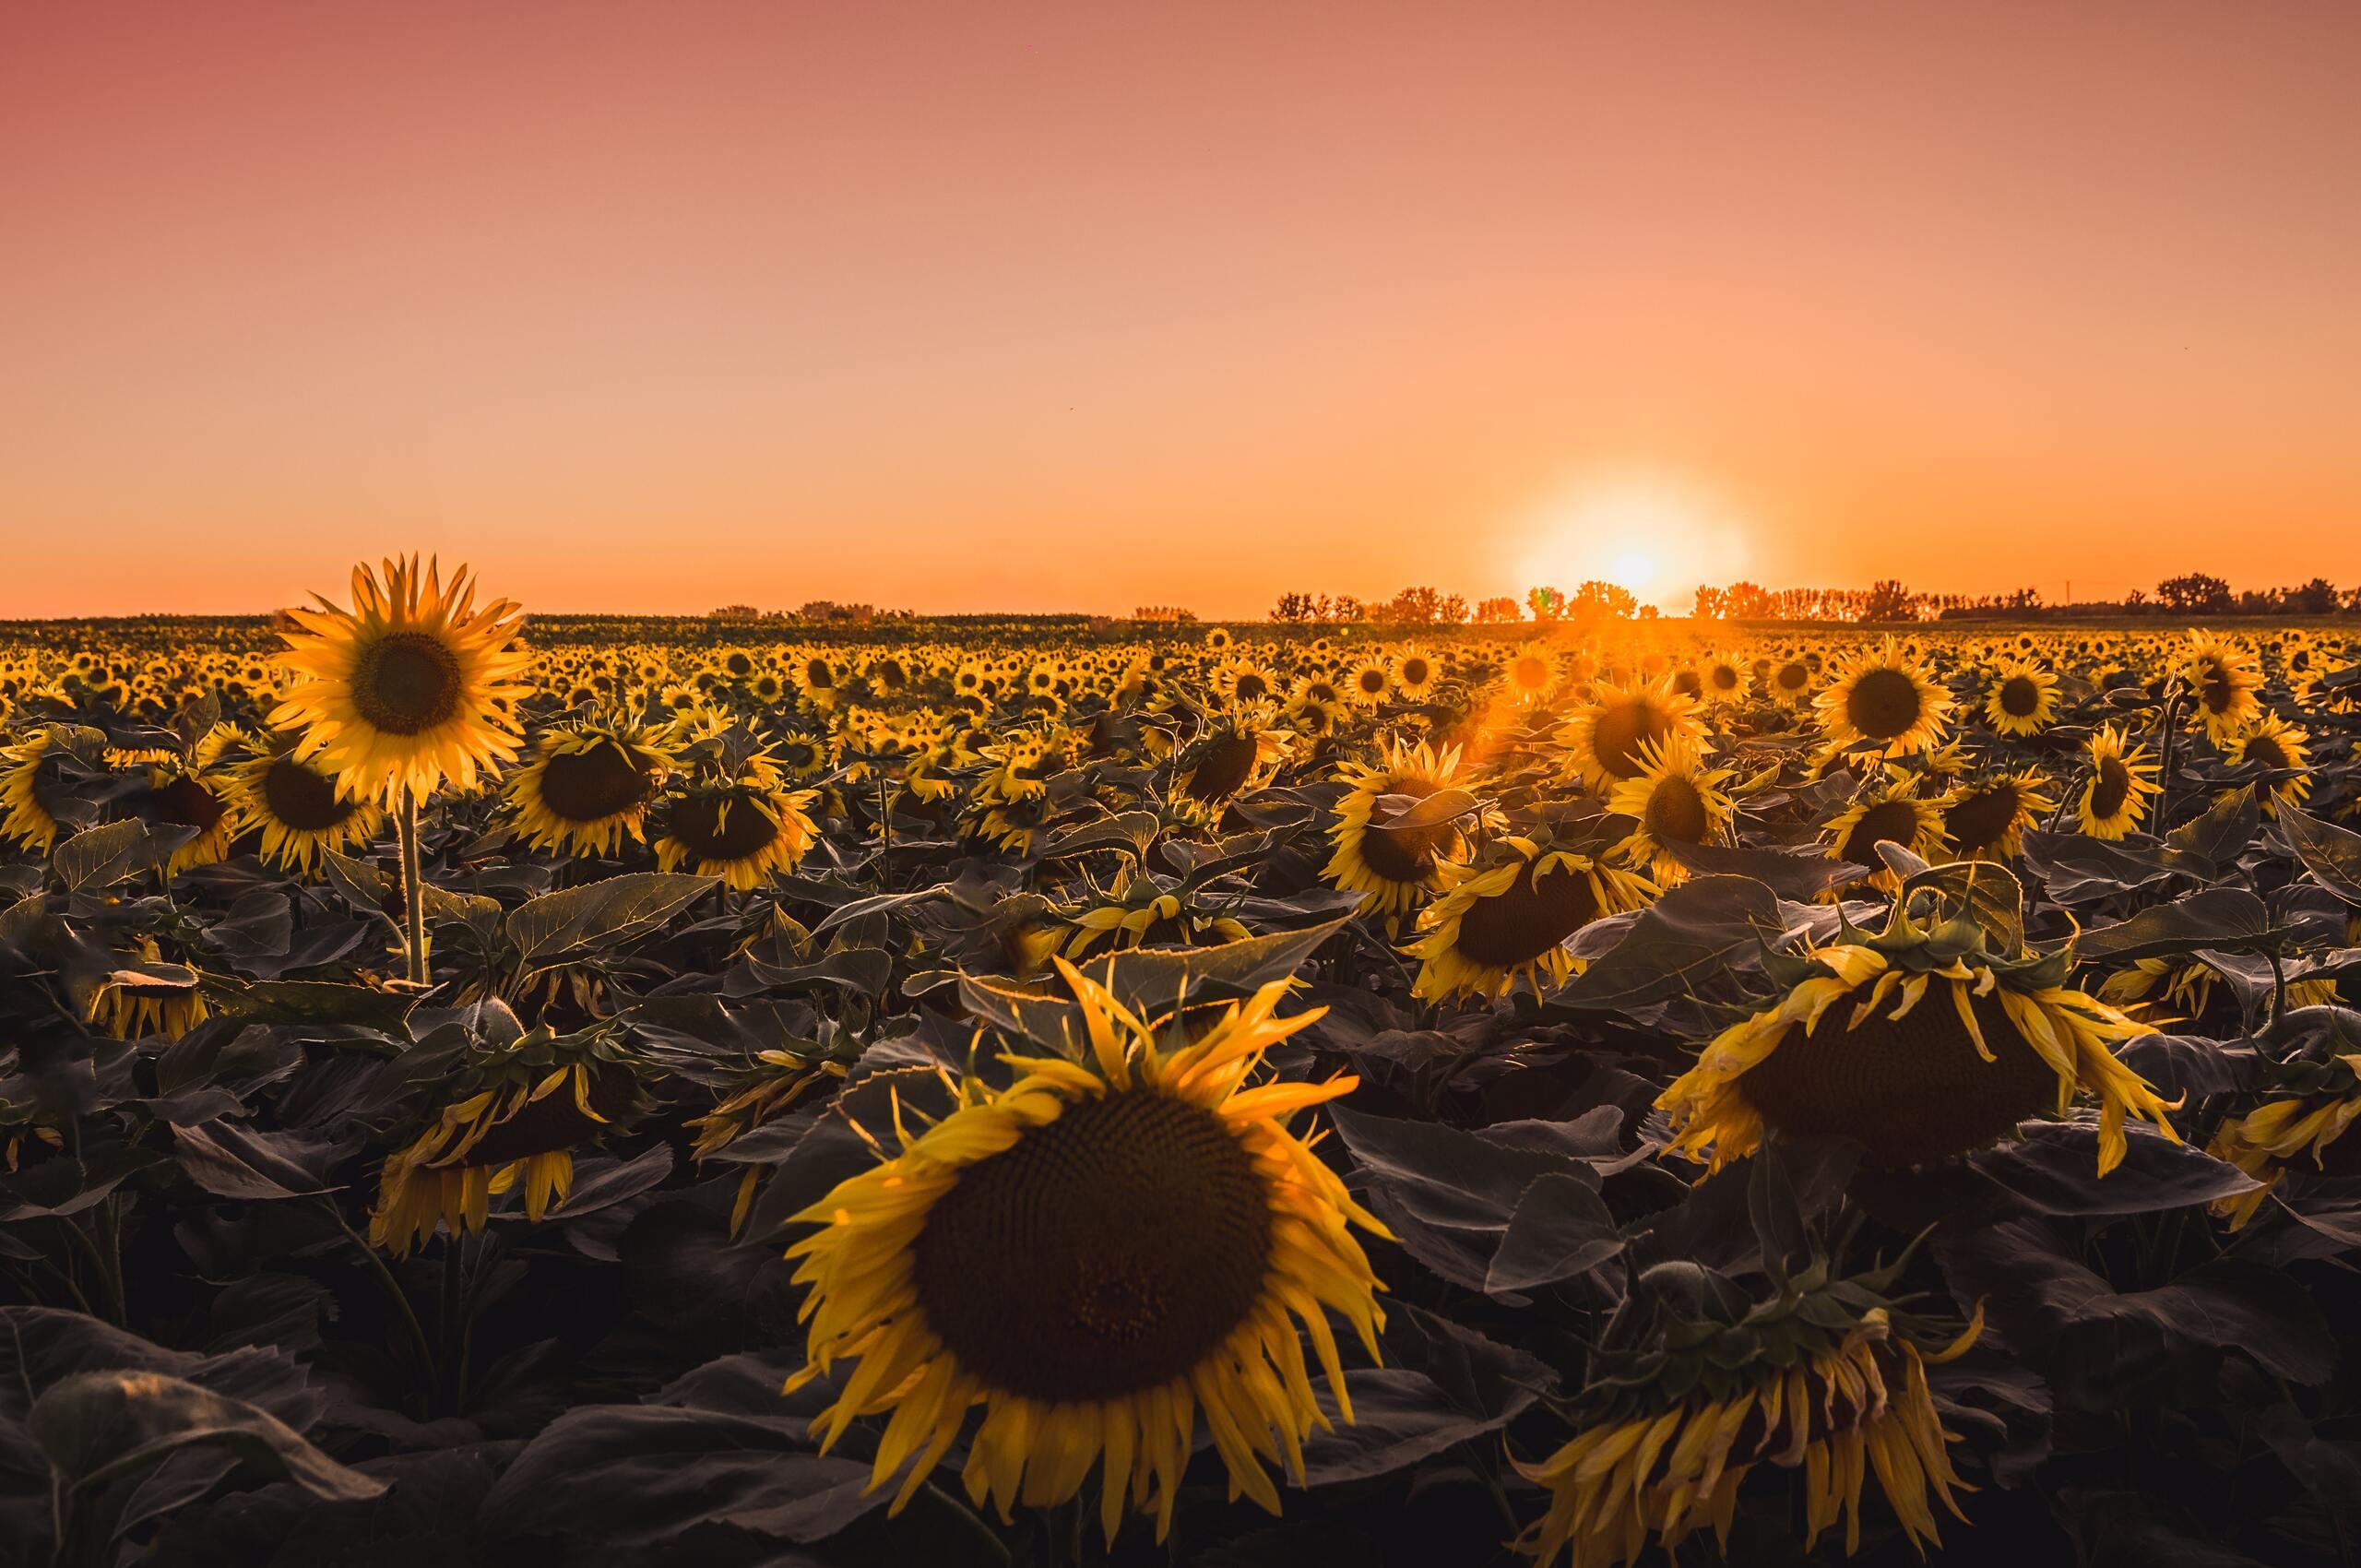 Sunflower Wallpaper Chromebook | wallpaper stan